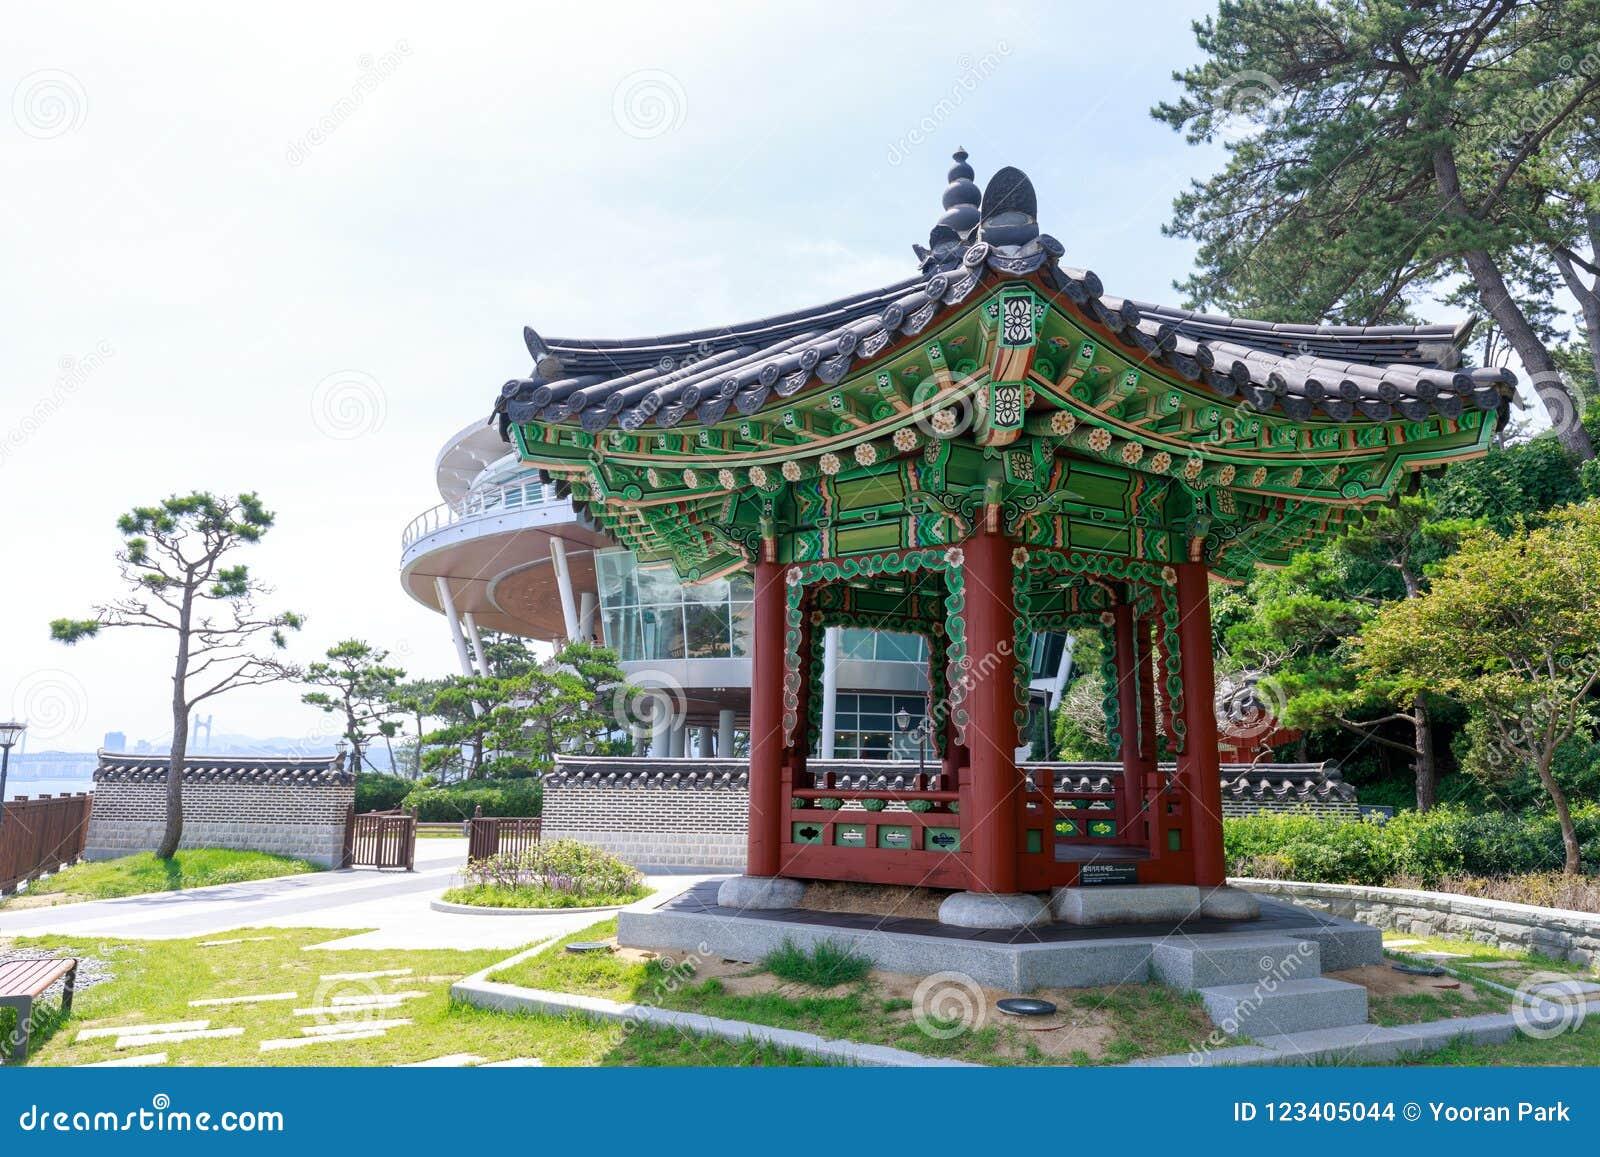 Nurimaru APEC-Haus finden auf Insel Haeundae Dongbaekseom in Busan, Südkorea